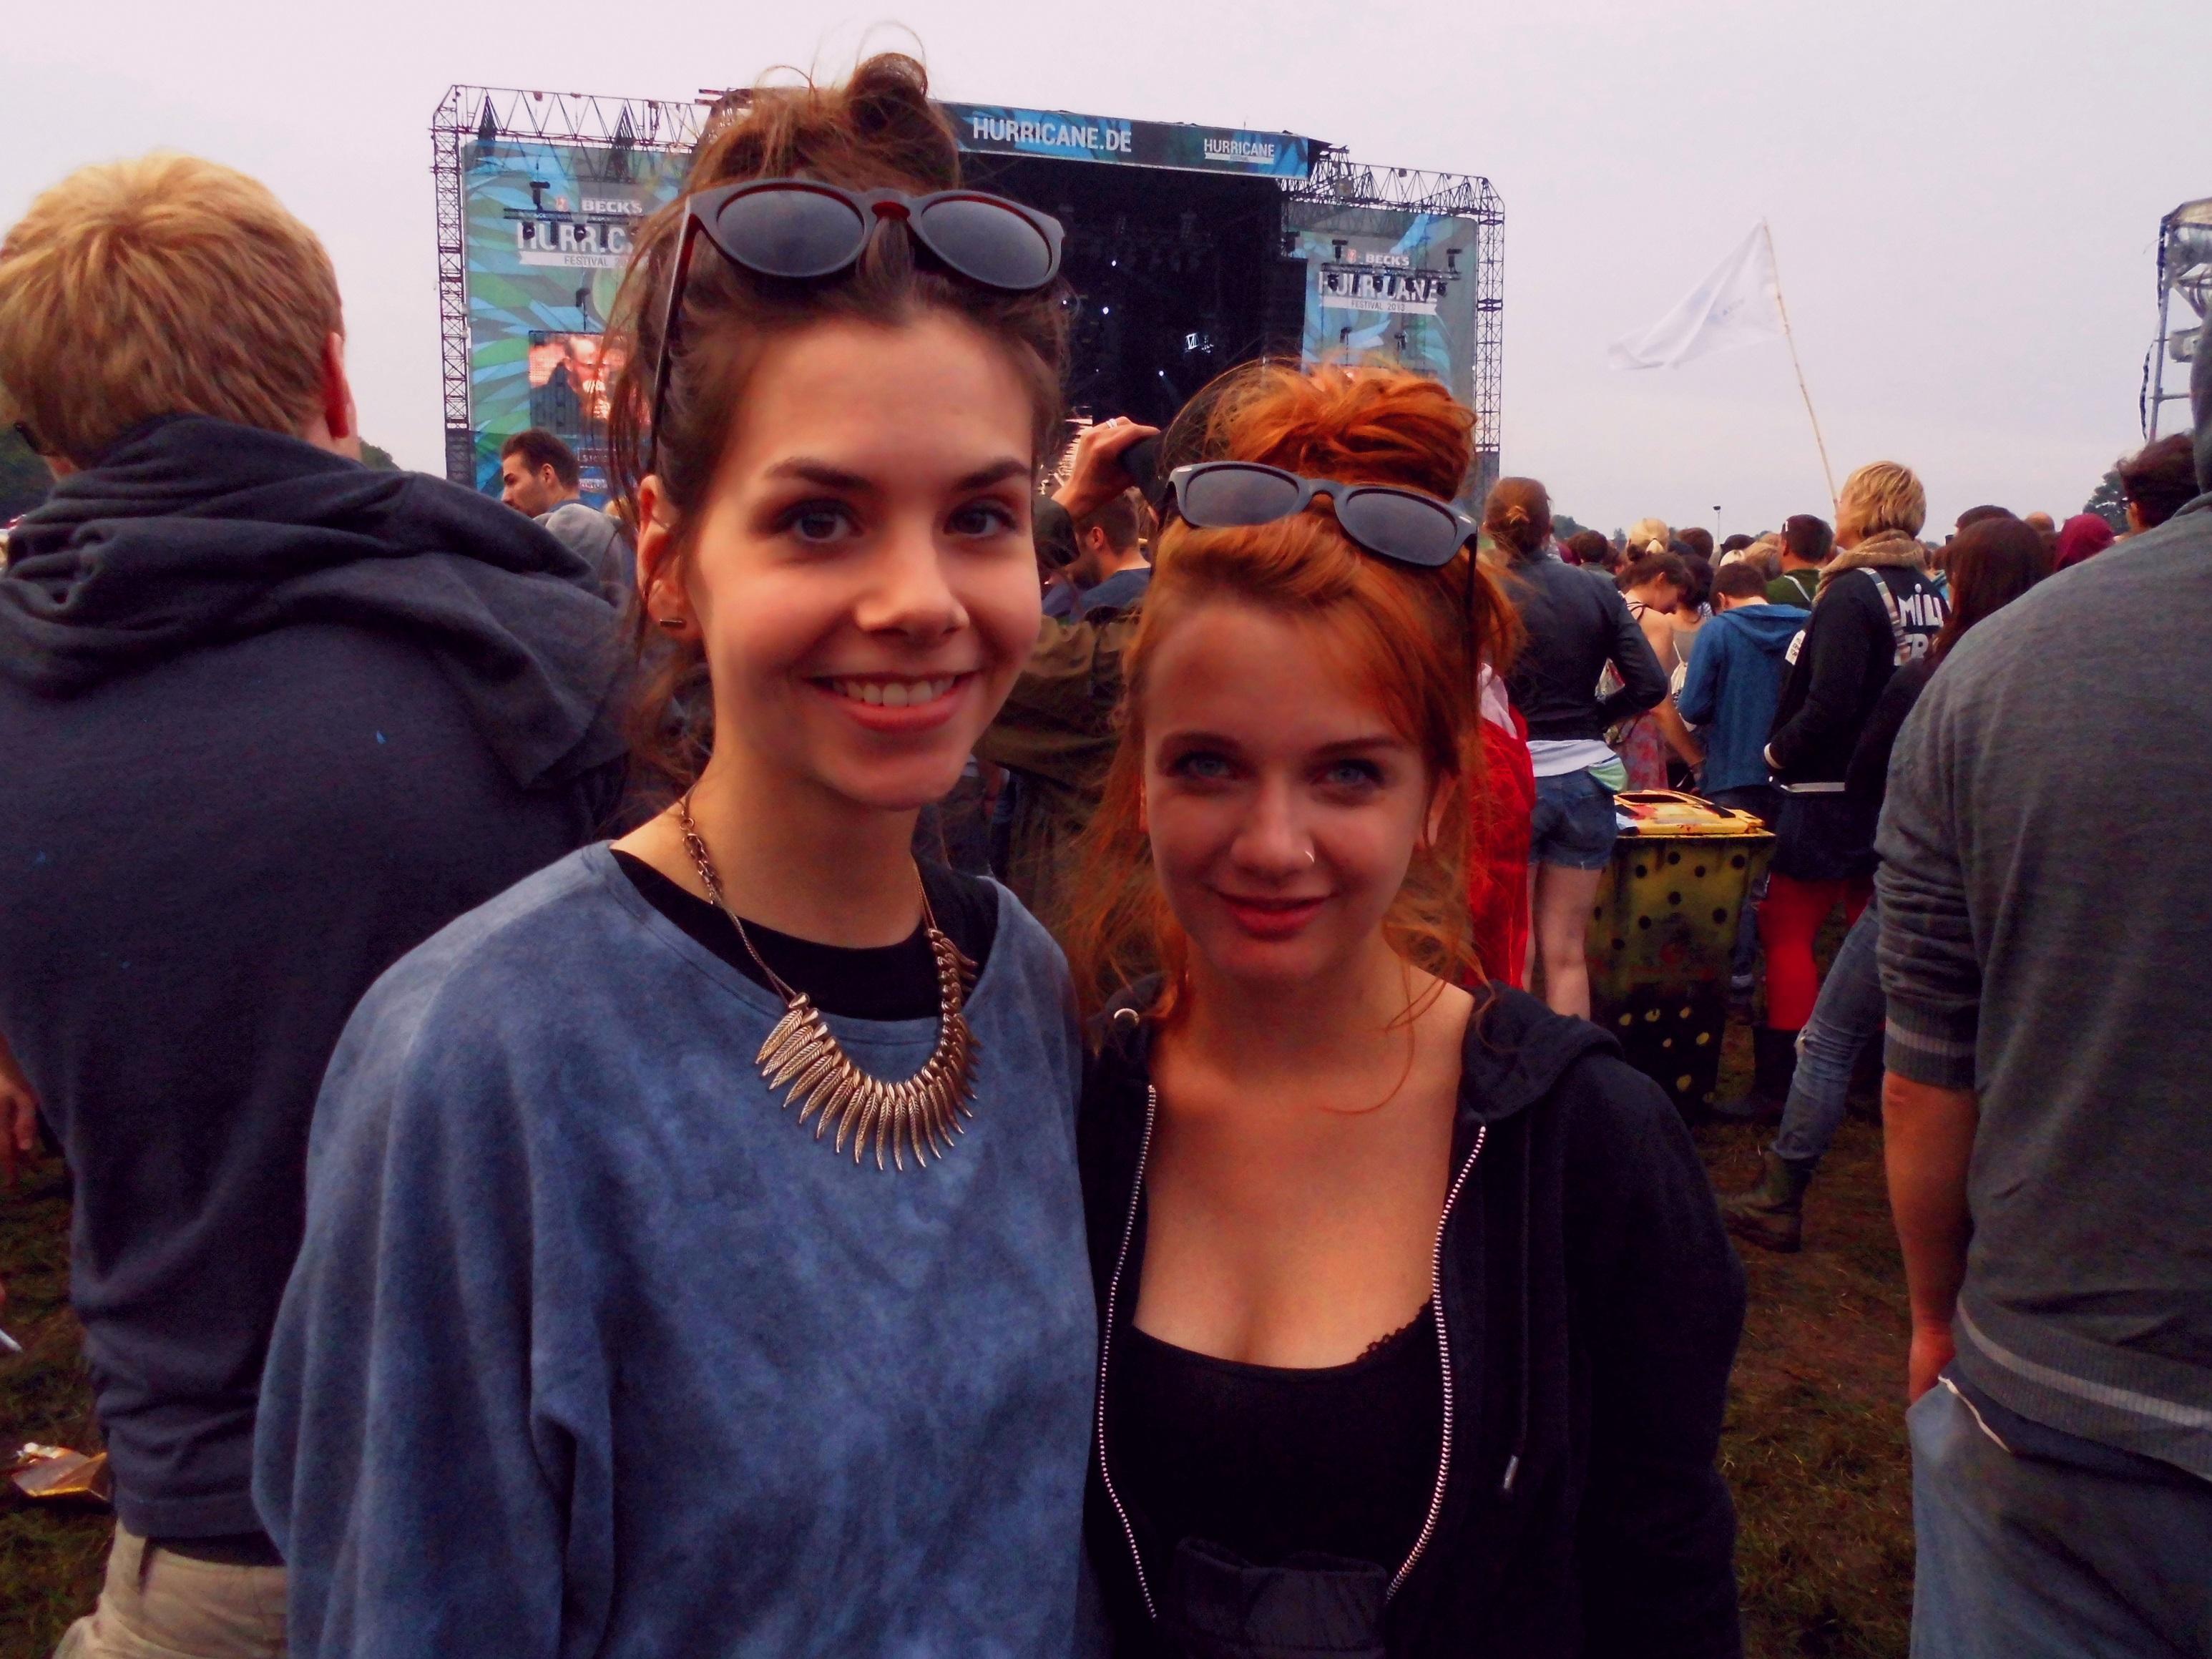 Praktische Festivalfrisur: lockerer Dutt und Sonnenbrille drüber